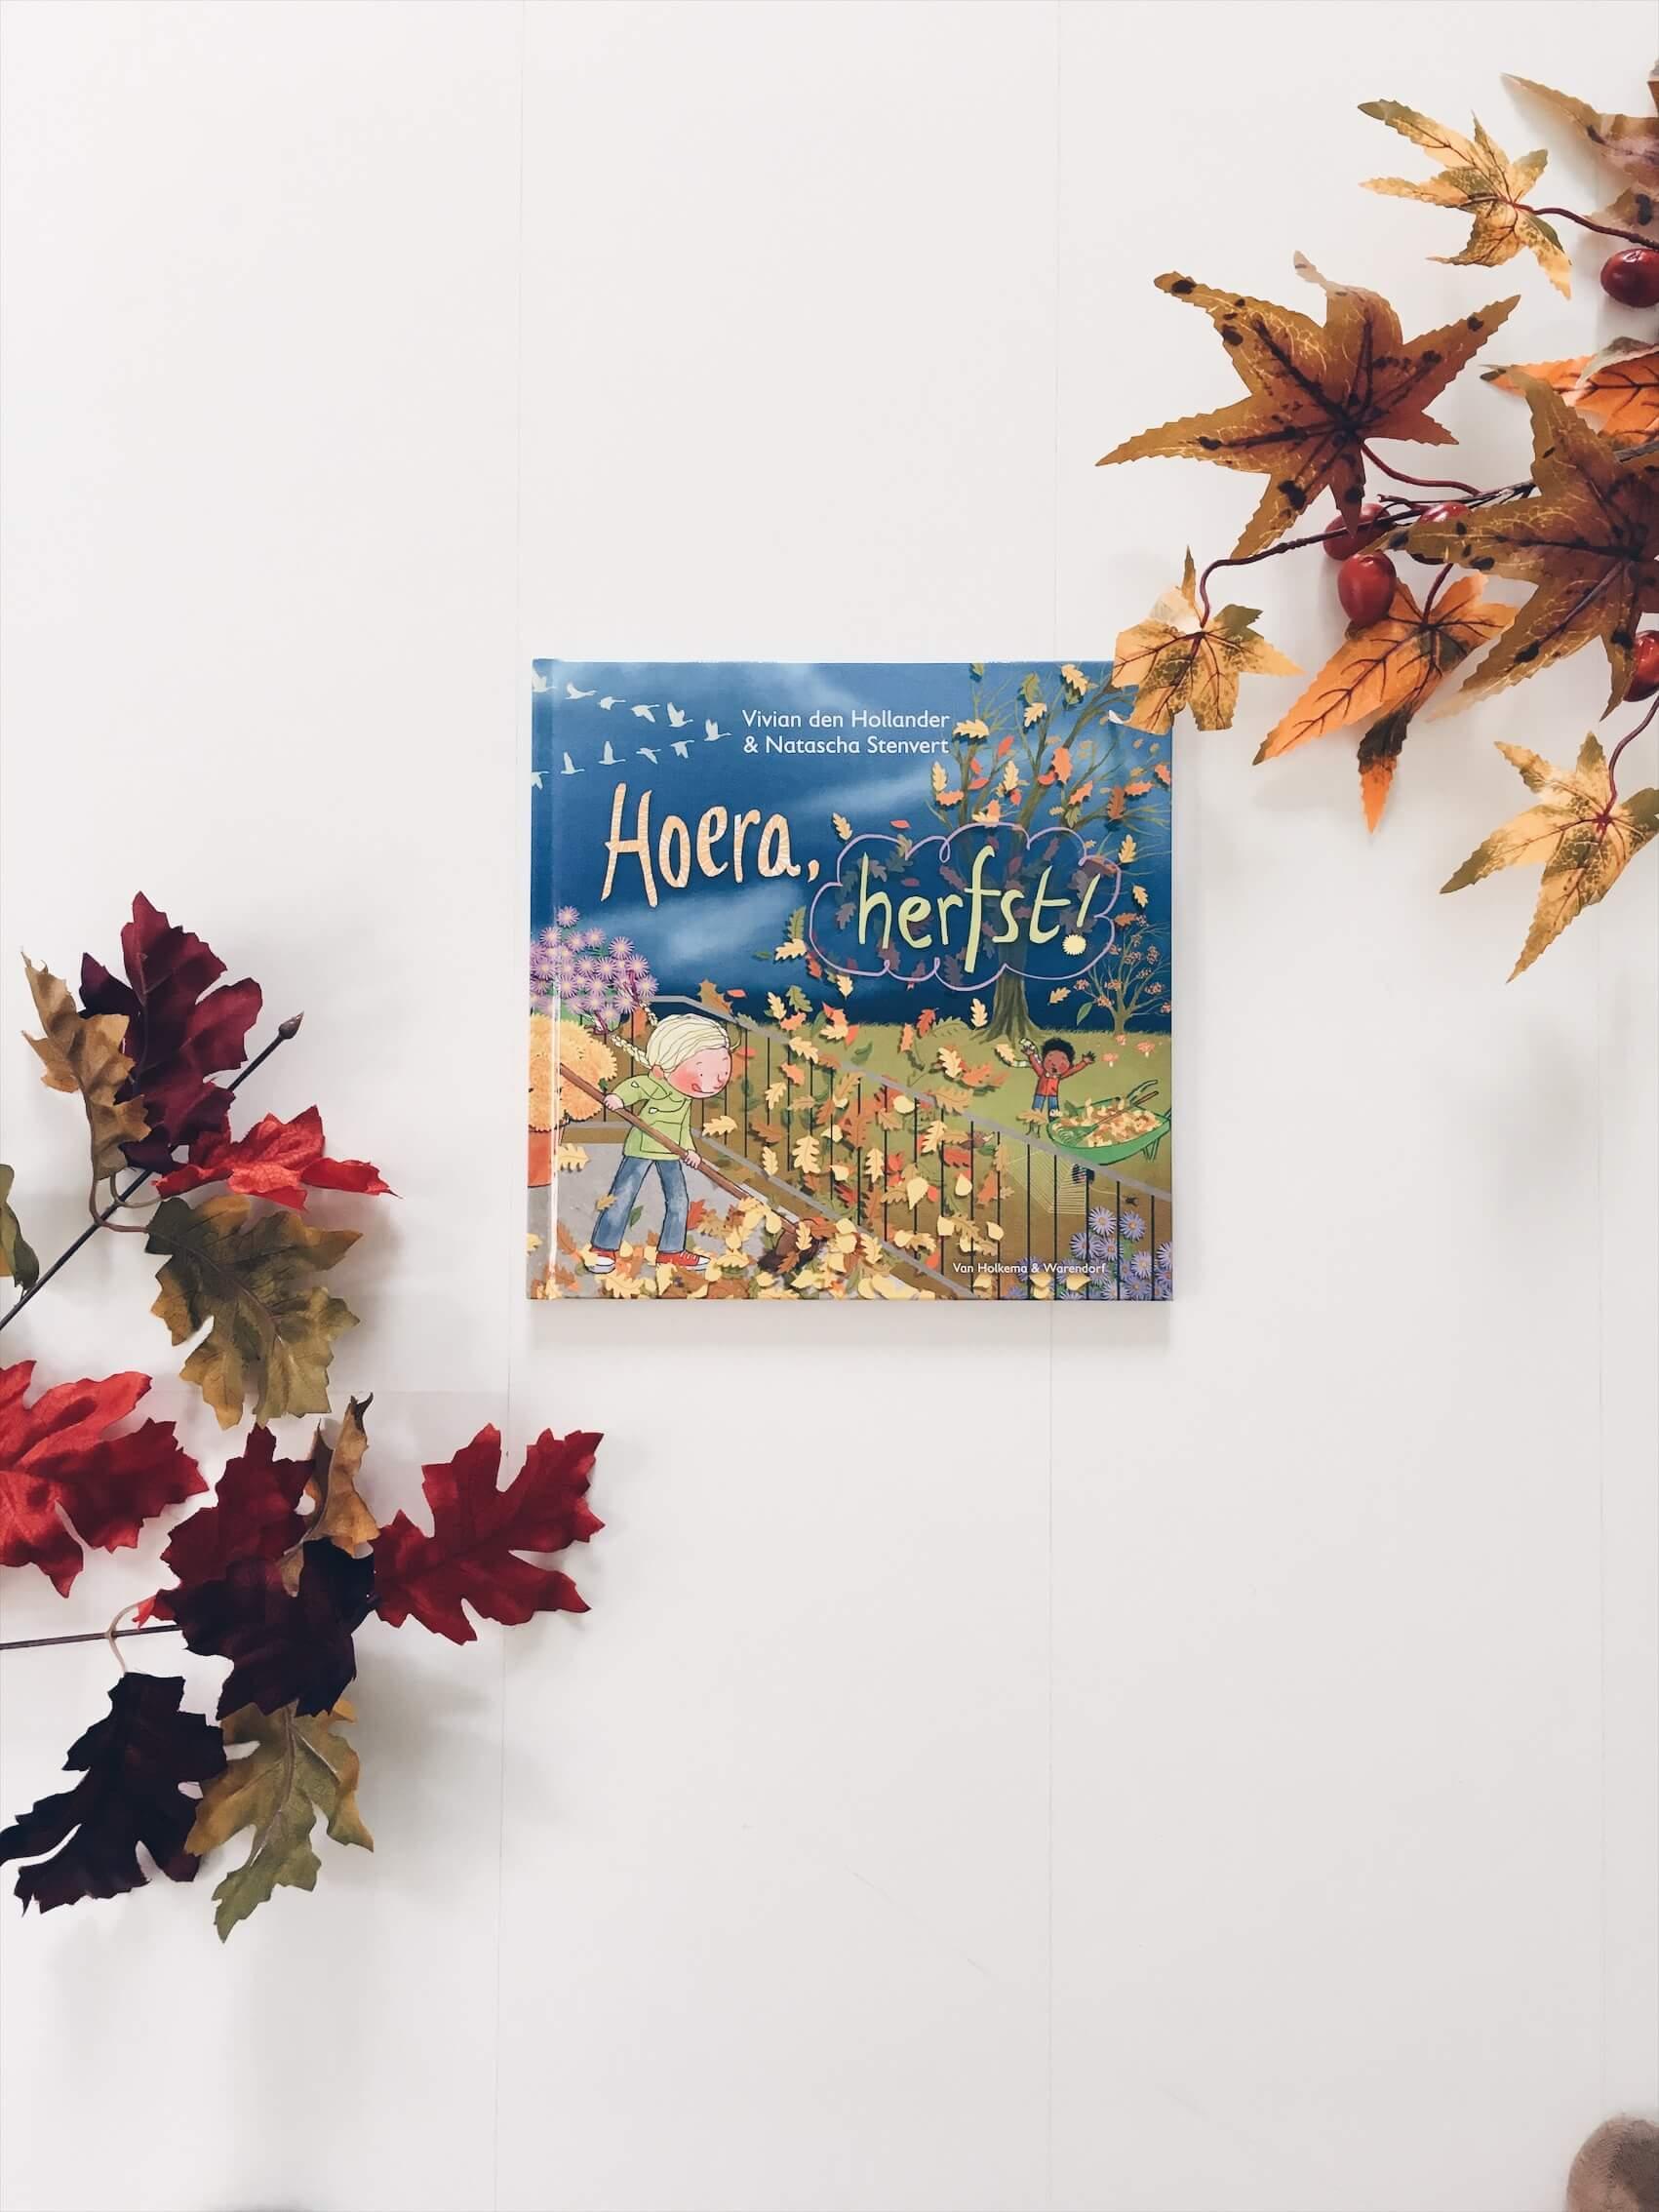 5BF4EEA7 E8EE 4AA7 A913 54A2E3FE58E1 - Leuke kinderboeken over de herfst voor grote en kleine kinderen